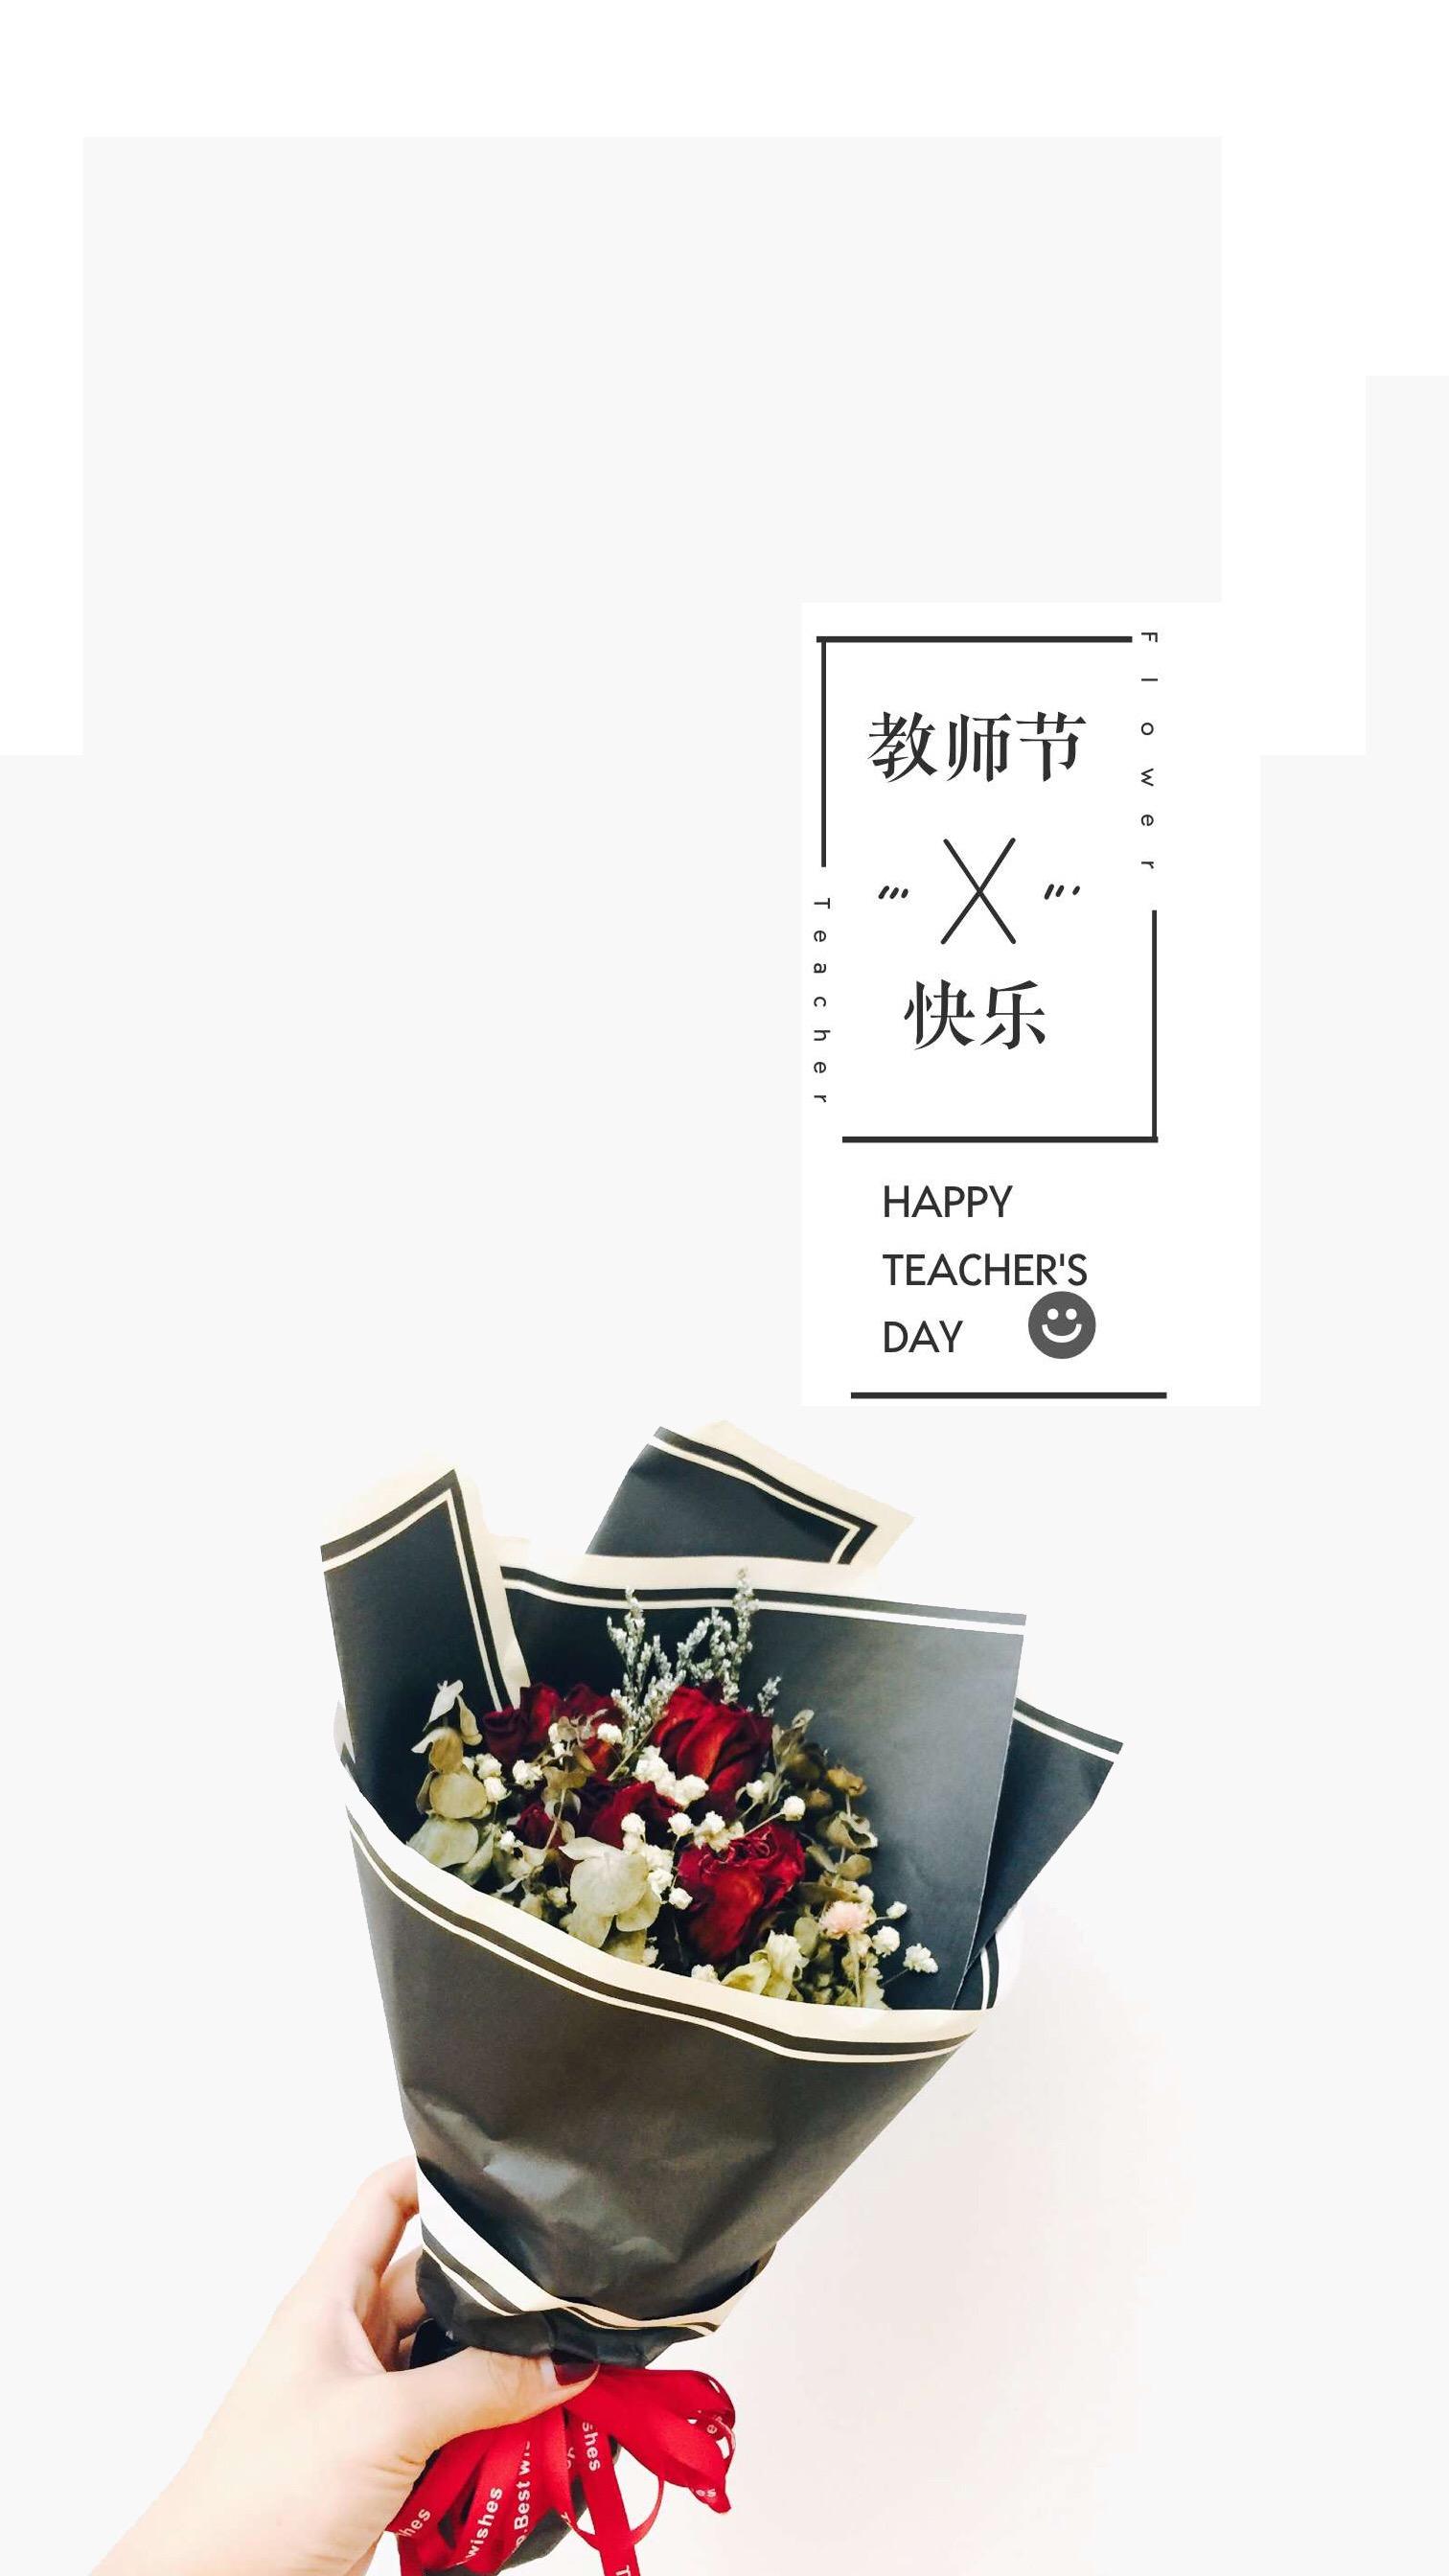 中国教师节4K清手机壁纸(二)壁纸尺寸1512*2688